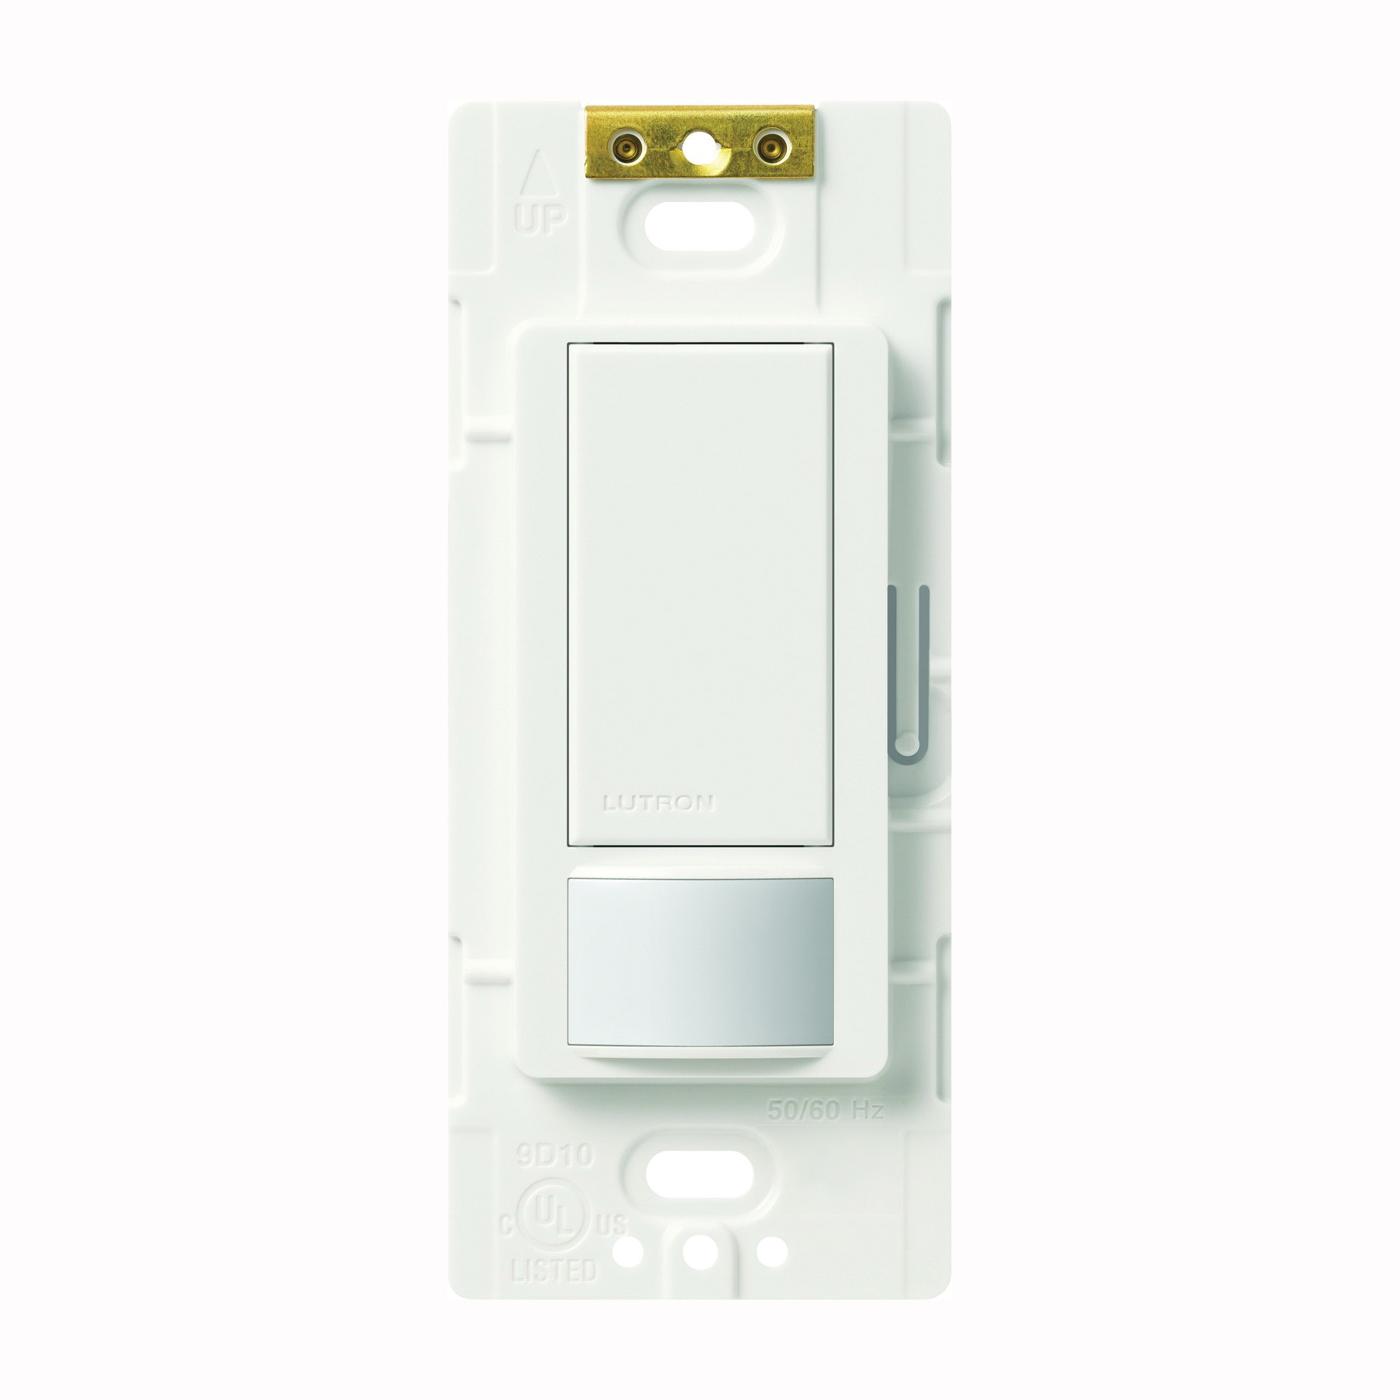 Picture of Lutron Maestro MS-VPS2H-WH Sensor Switch, 2 A, 120 V, 1-Pole, Motion Sensor, 180 deg Sensing, 30 ft Sensing